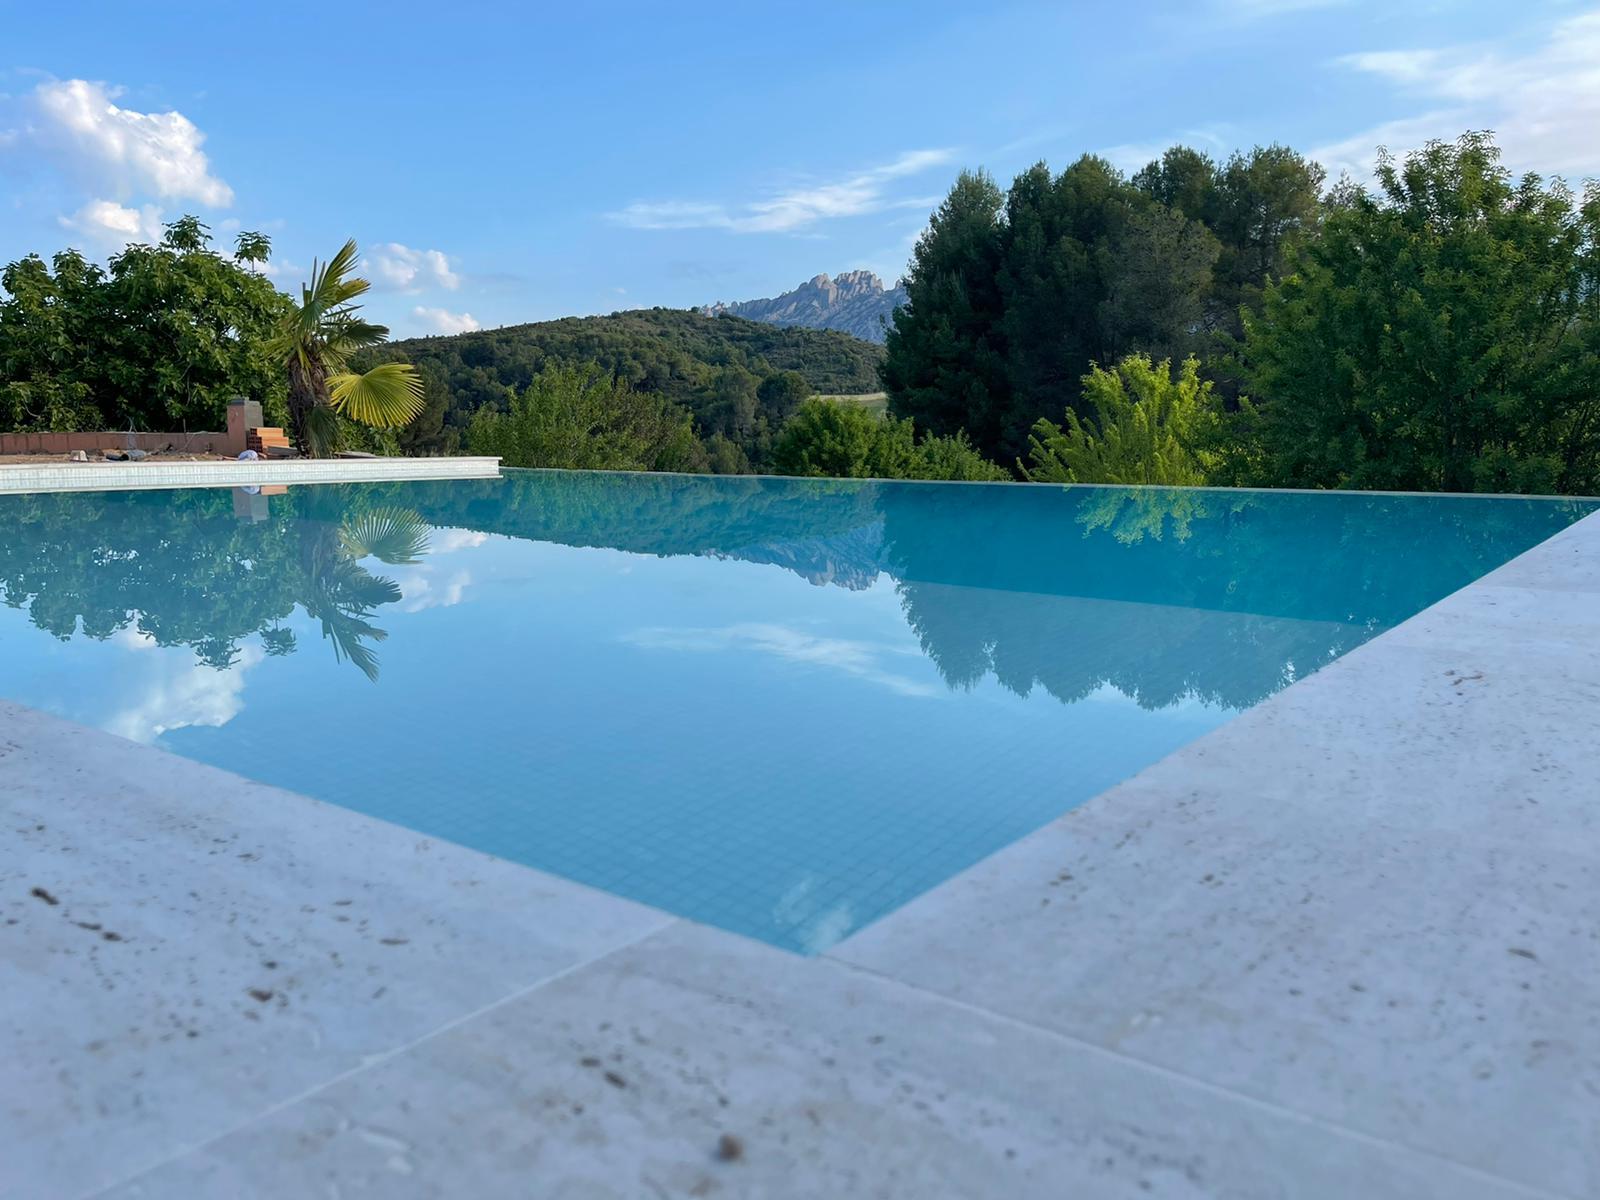 Proyecto-hisbalit-Ibiza-img 20210610 wa0036